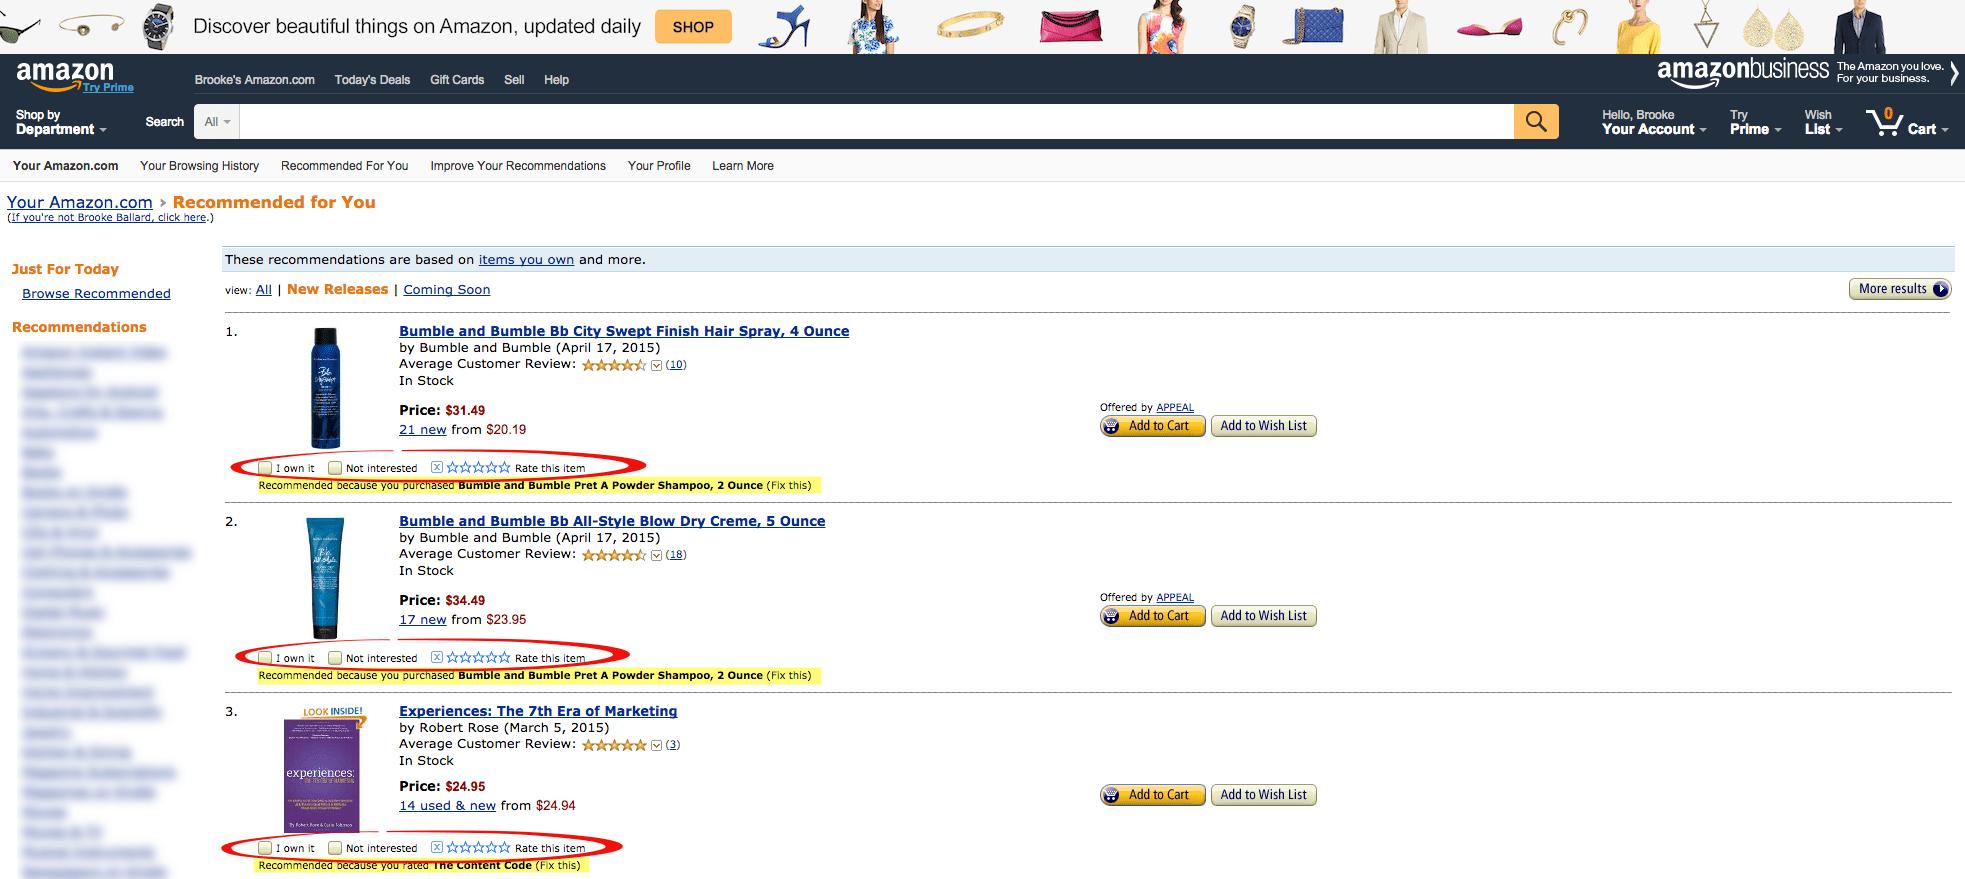 amazon-personalization